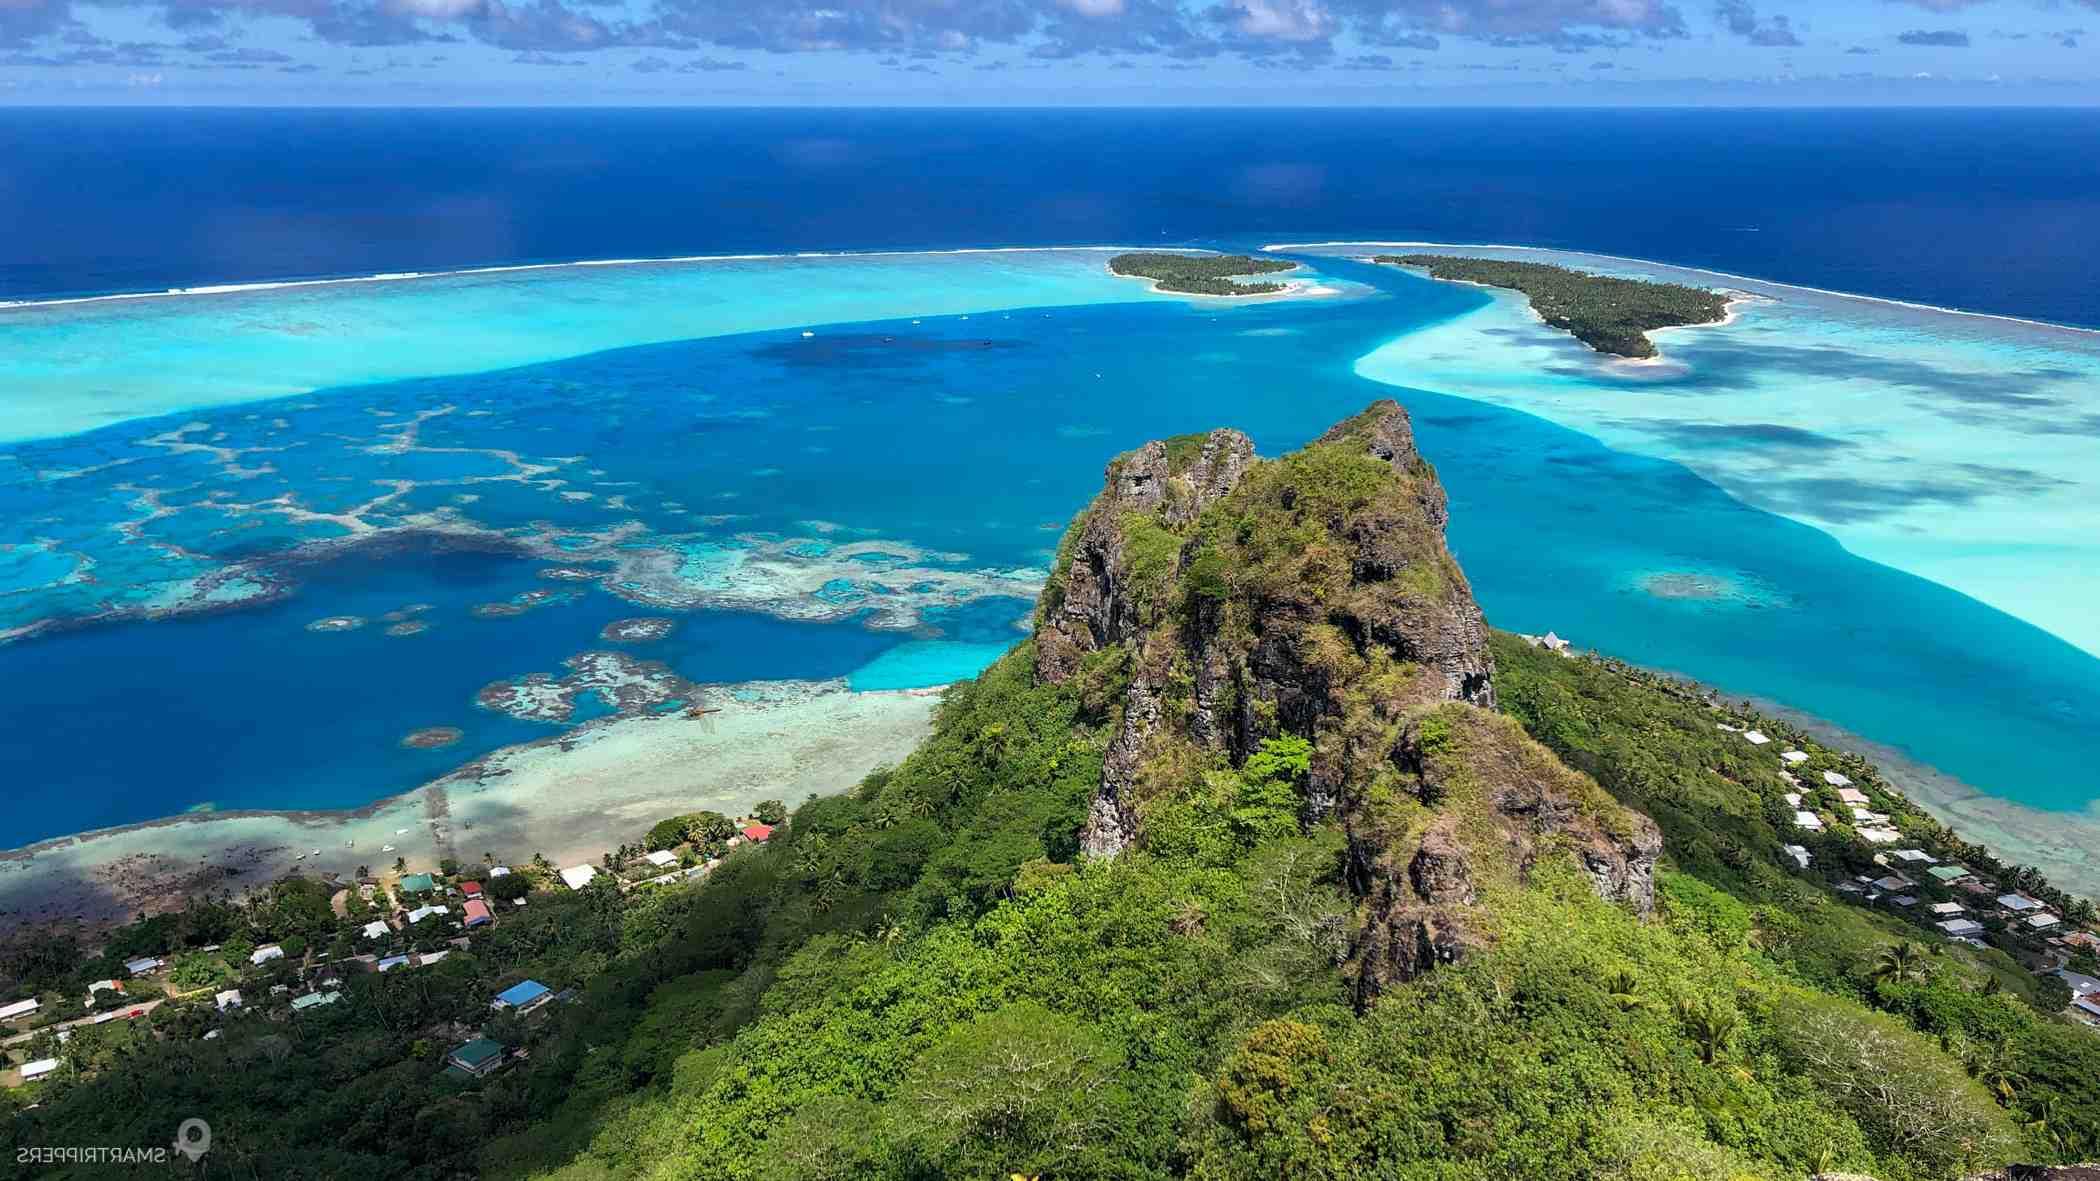 Quelles sont les plus belles îles de la Polynésie française?